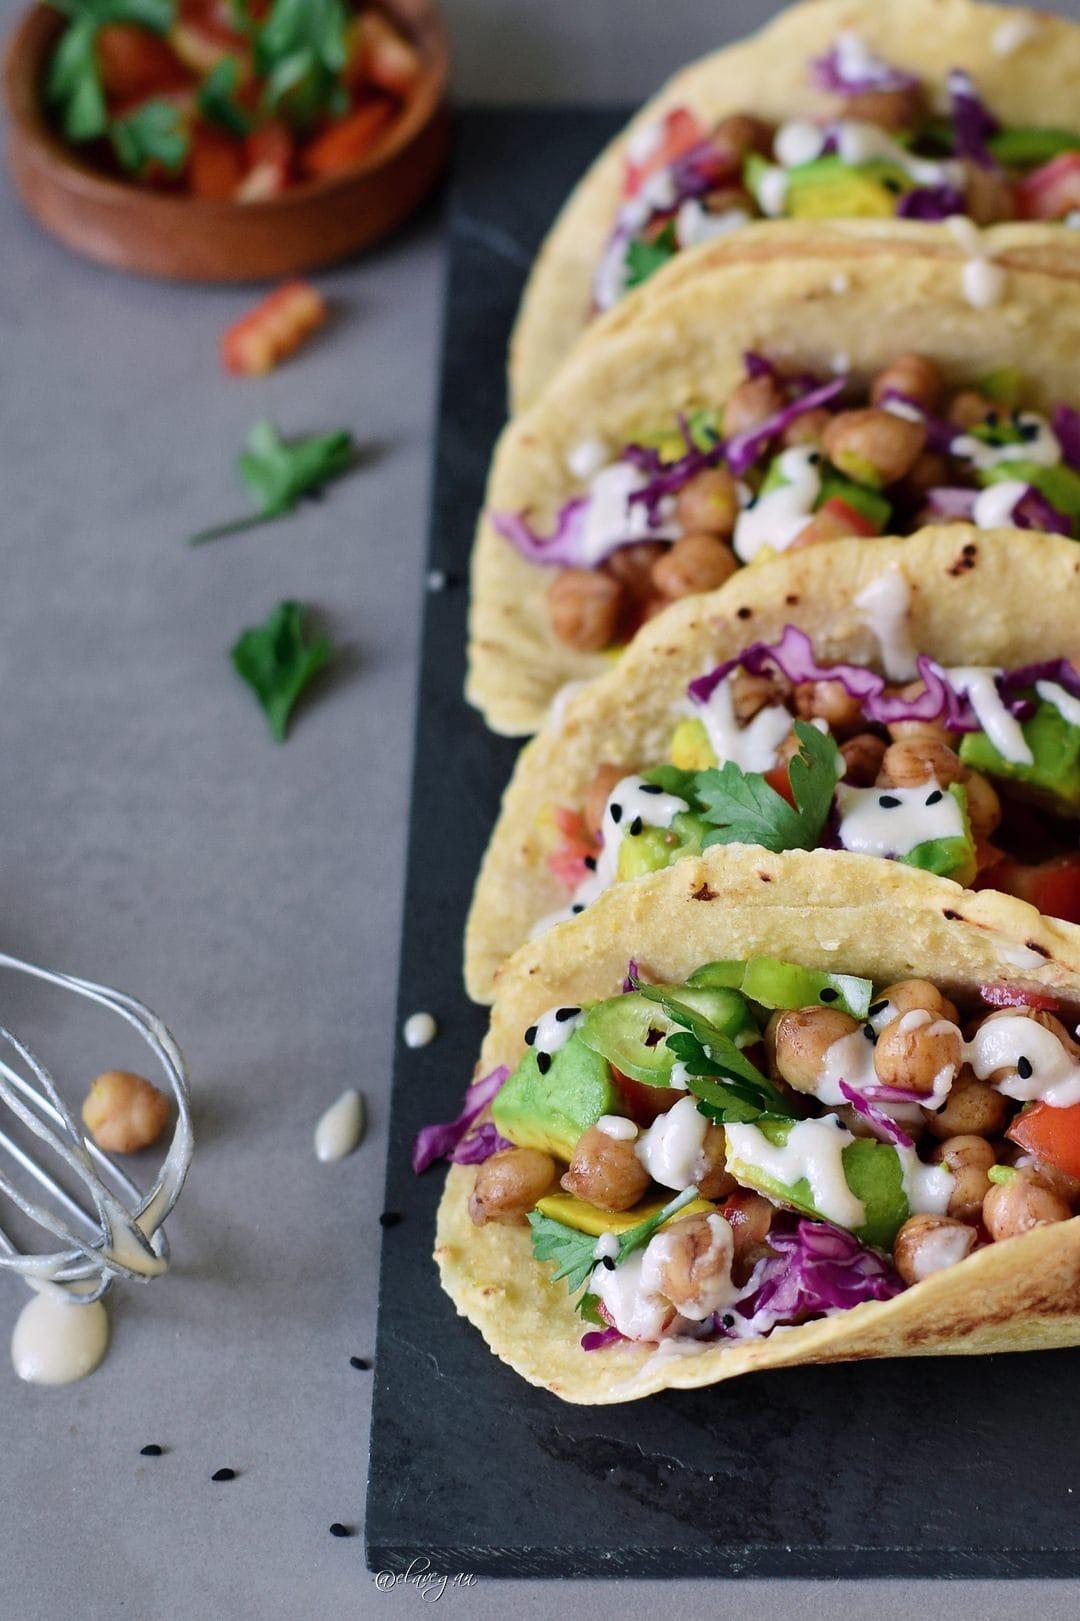 Gefüllte Tortillas mit Kichererbsen, veganem Dressing und Gemüse